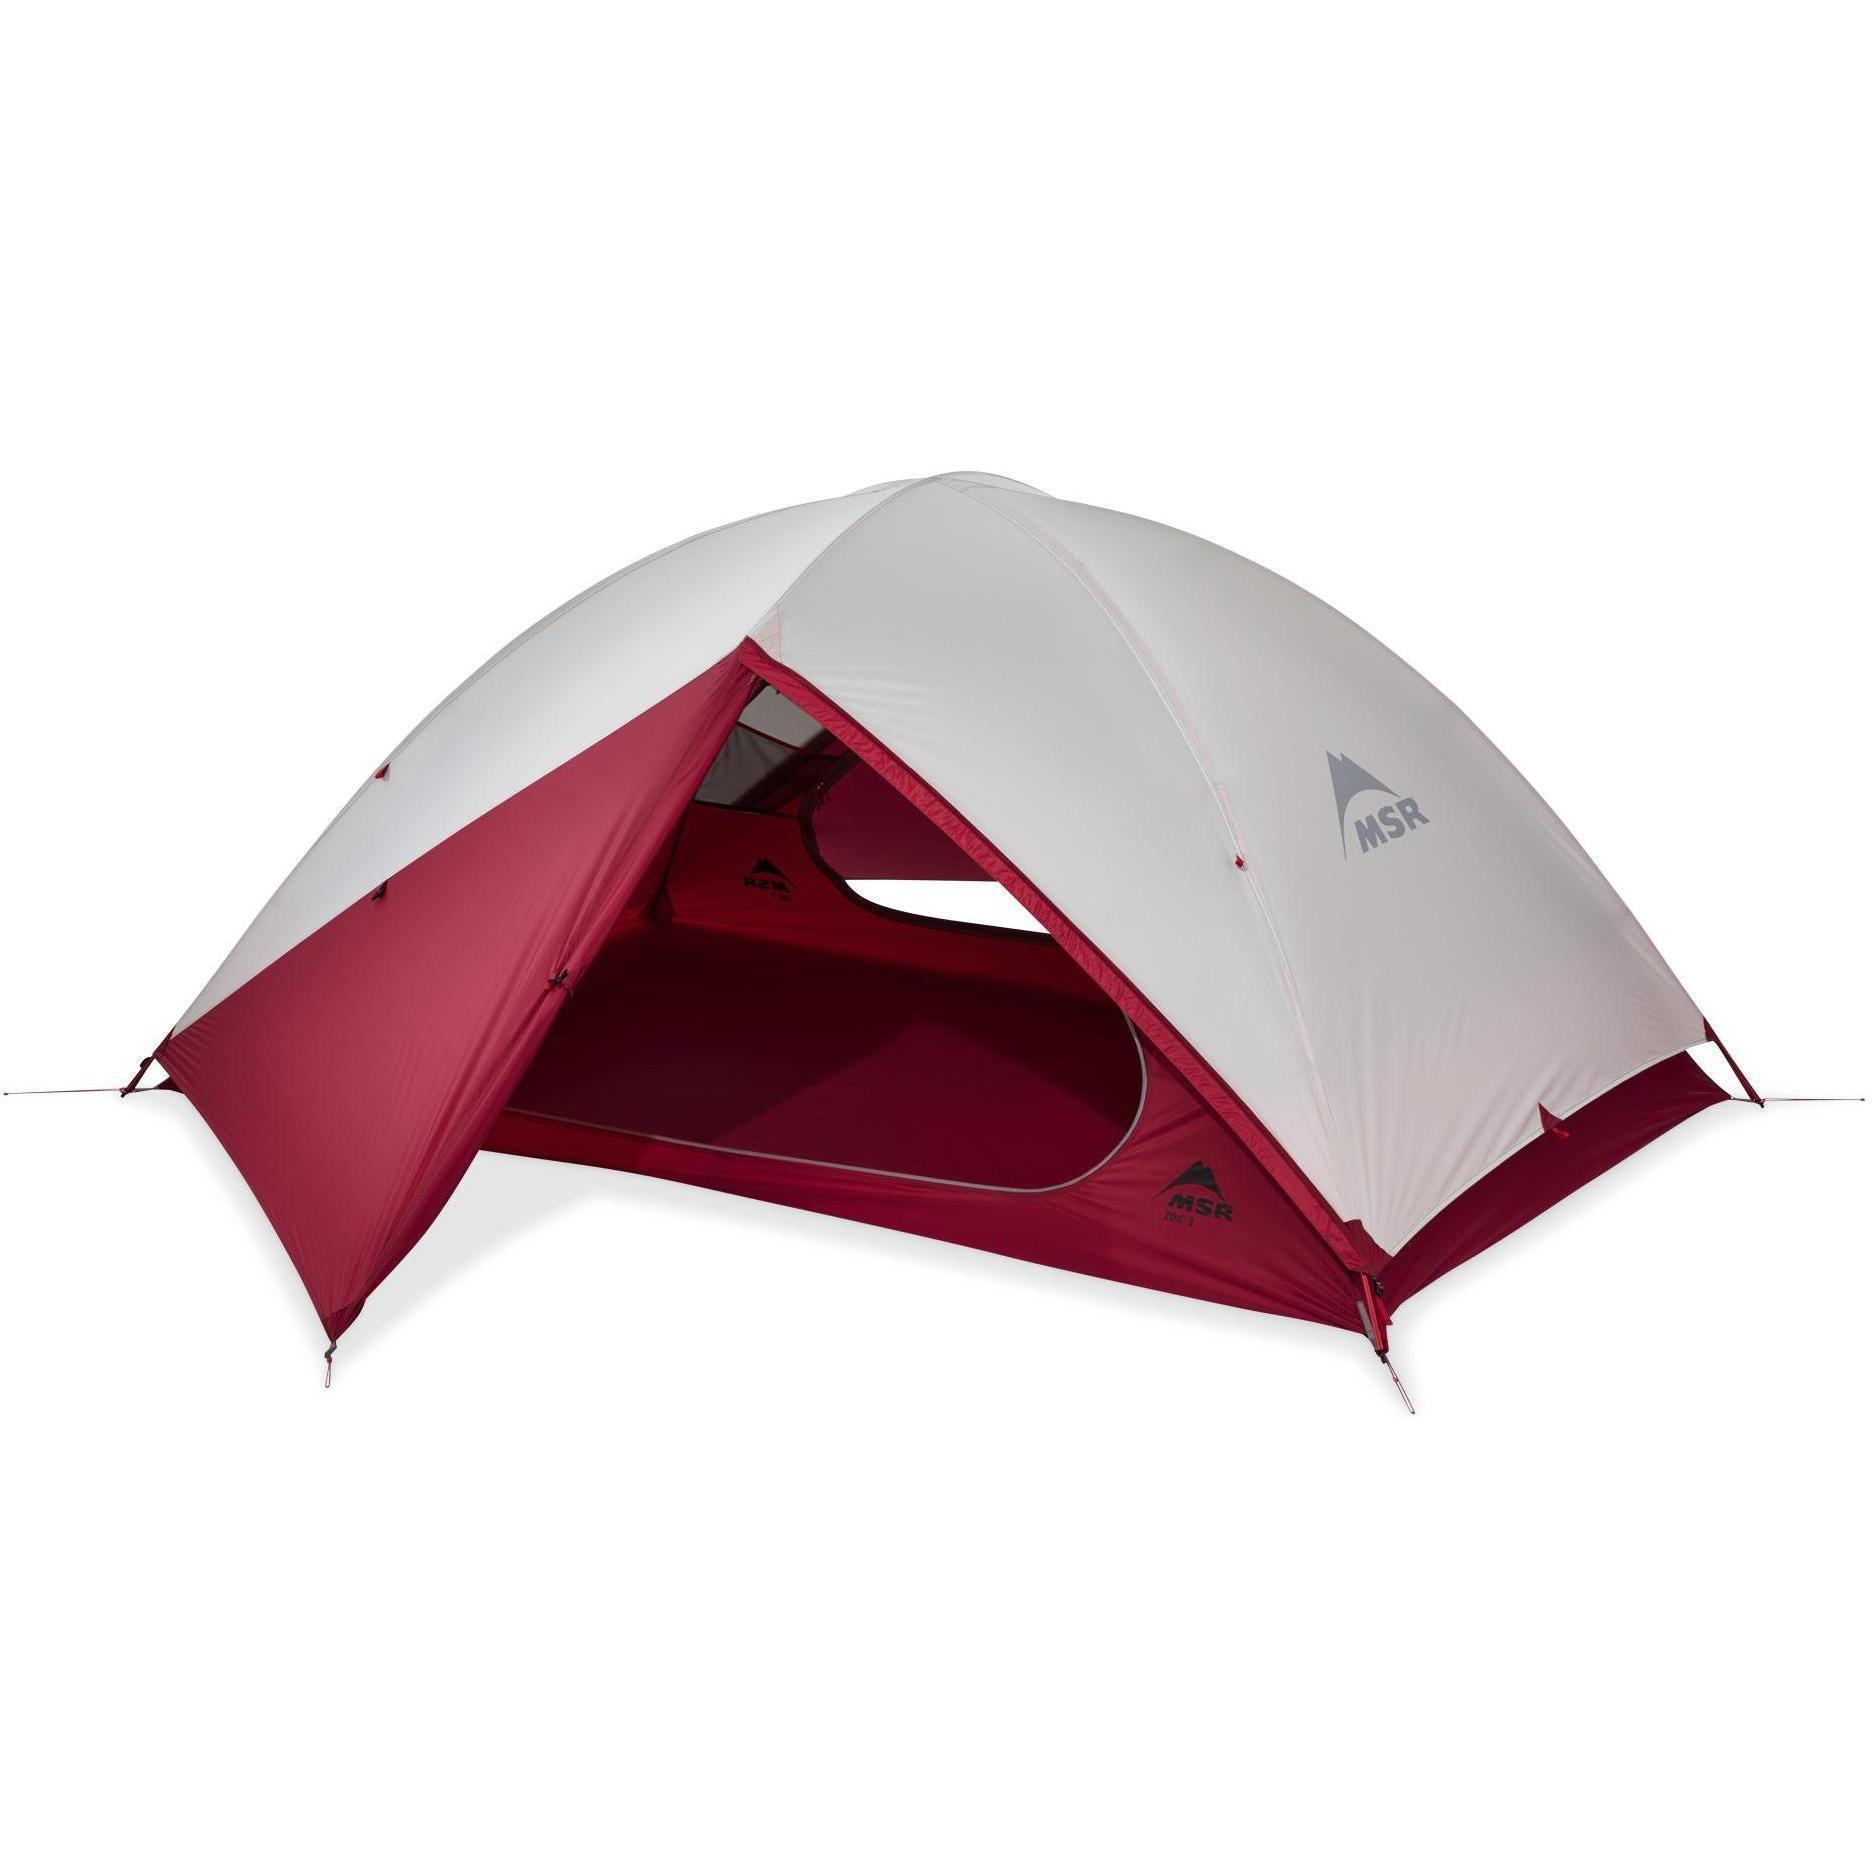 Палатка MSR Zoic серая двухместная